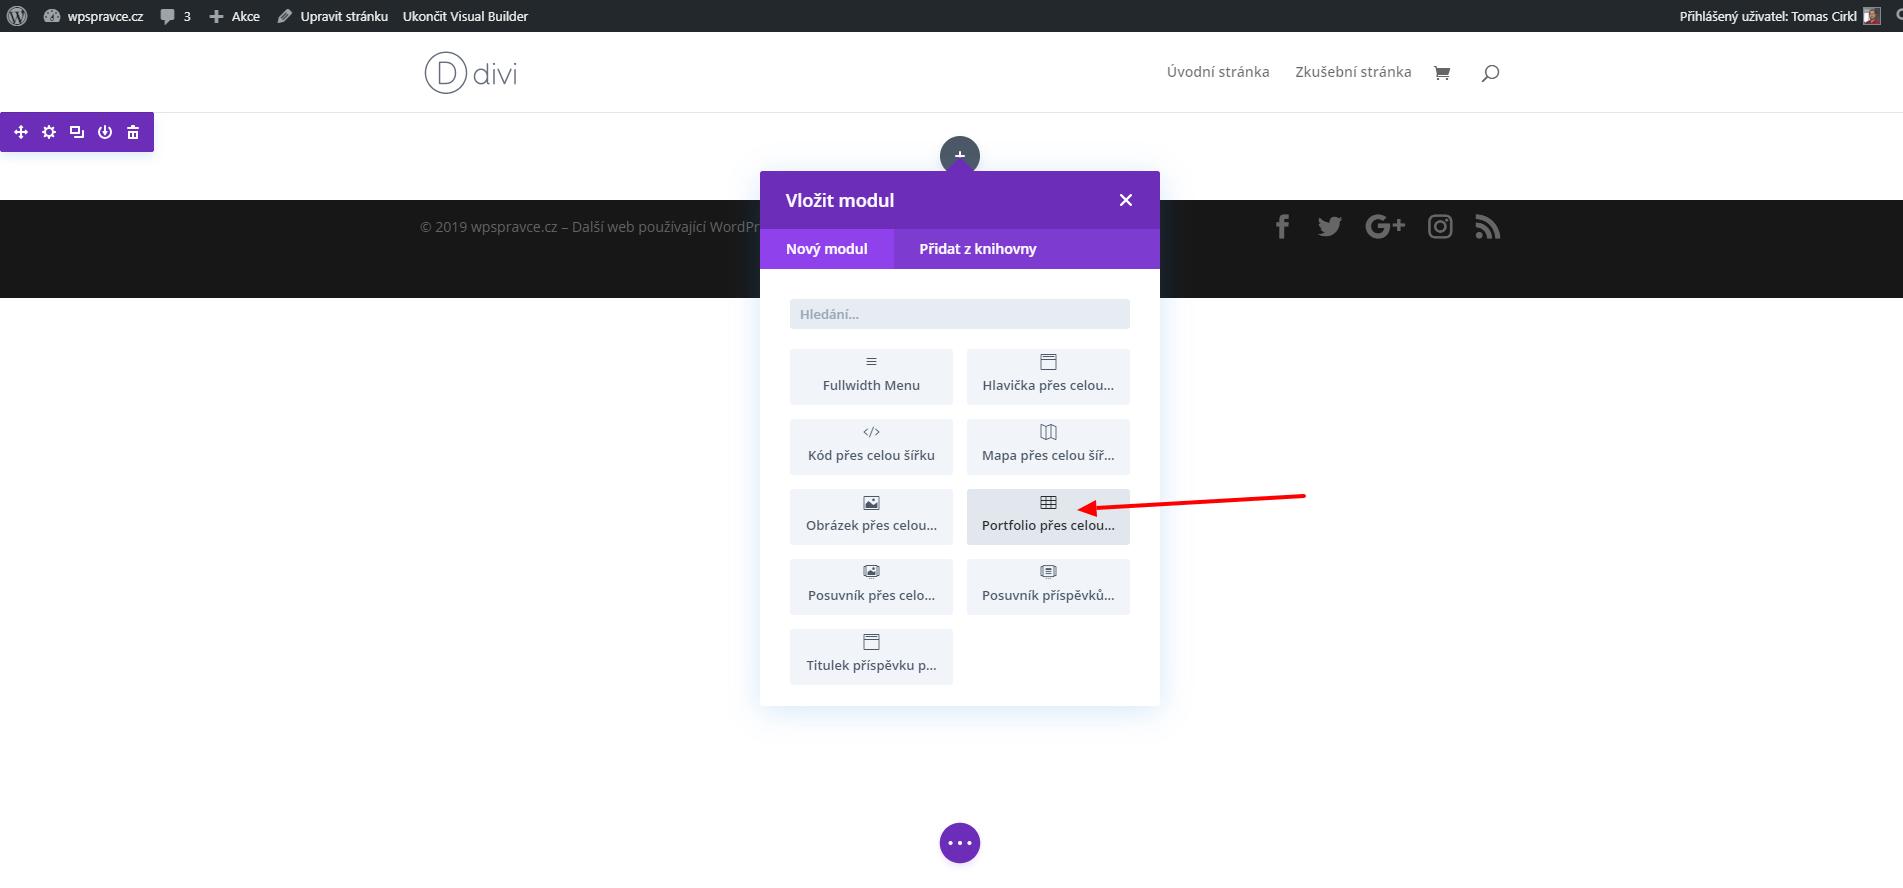 Jak vložit modul Portfolio přes celou šířku